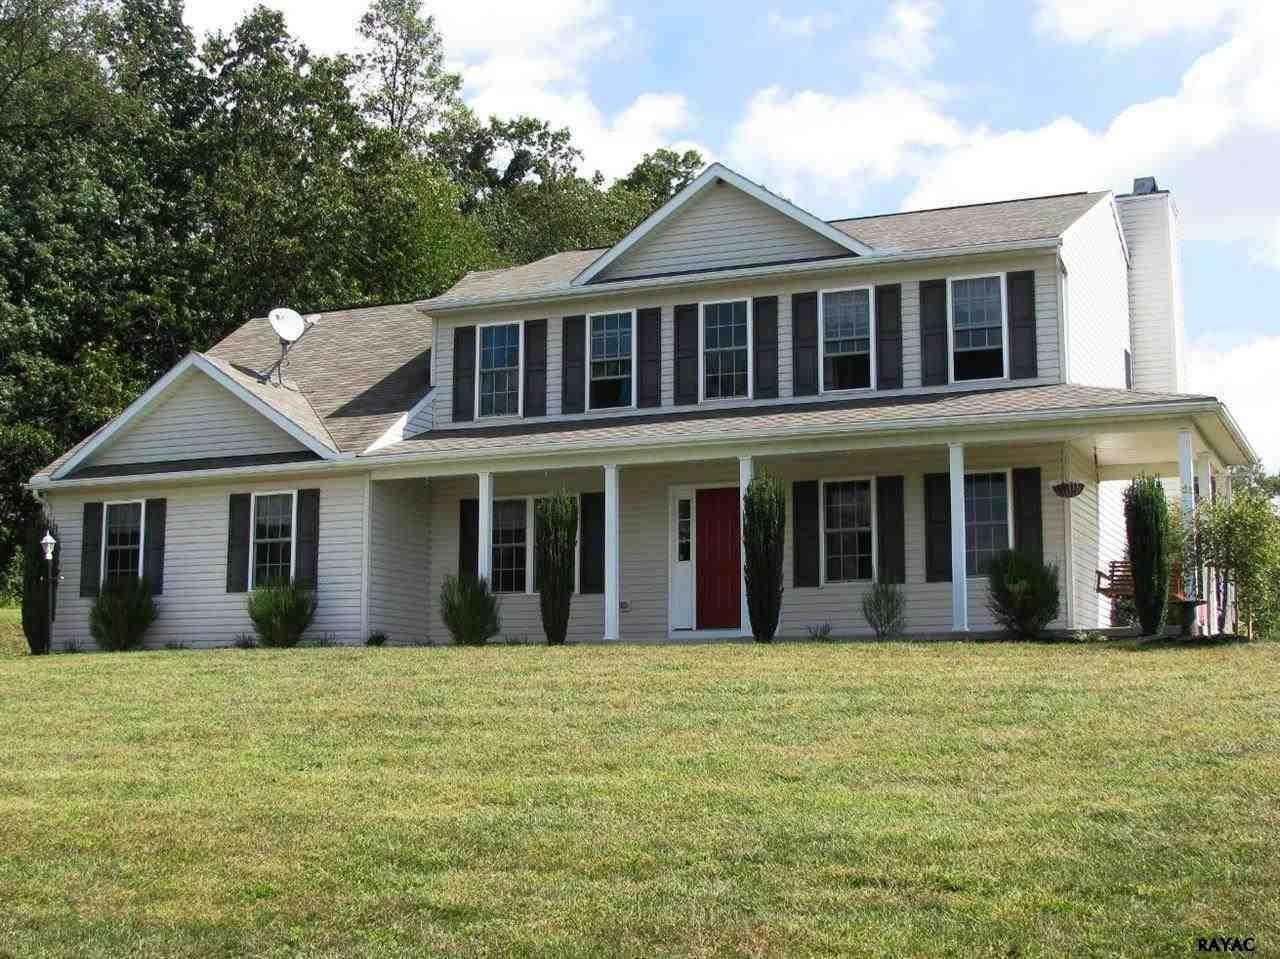 3433 Brownton Rd, Felton, PA 17322